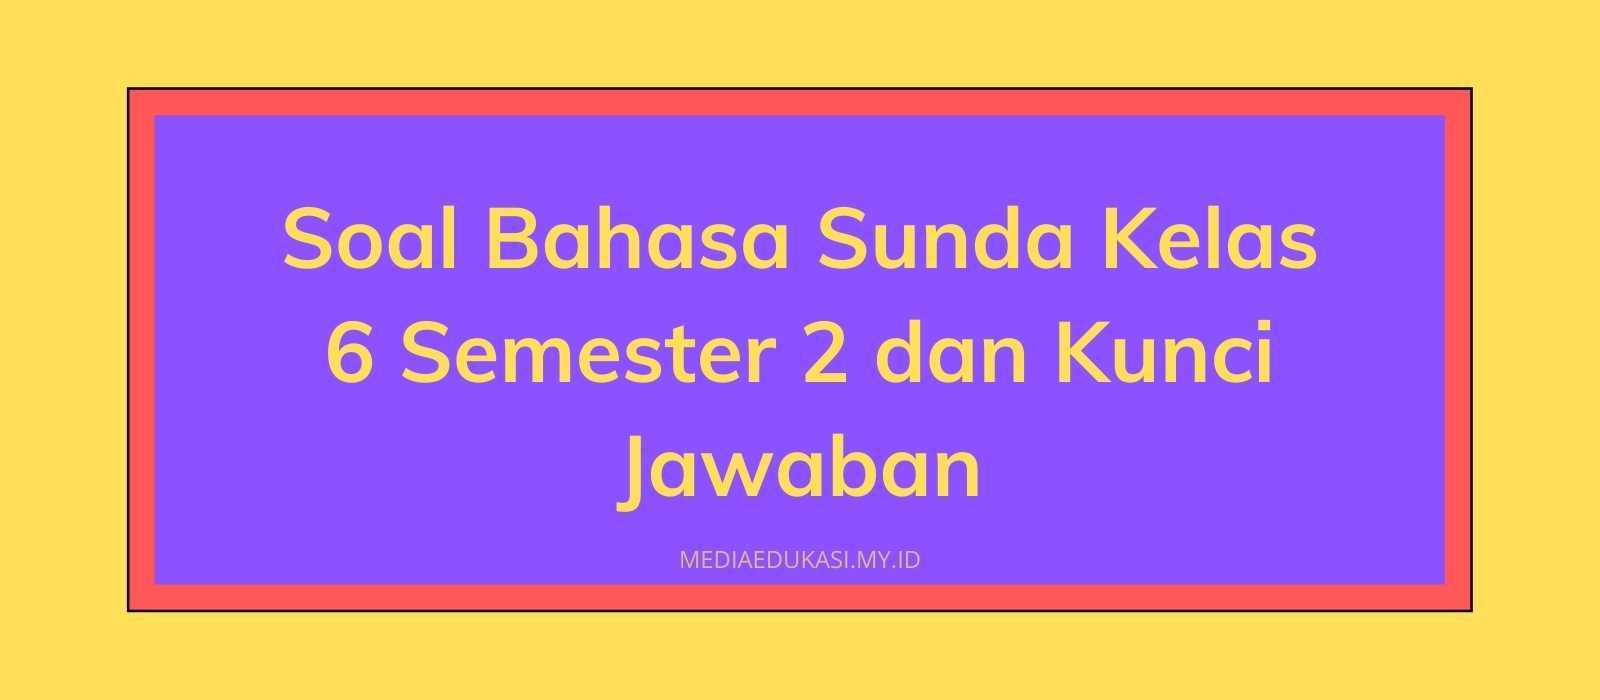 Soal Bahasa Sunda Kelas 6 Semester 2 dan Kunci Jawaban